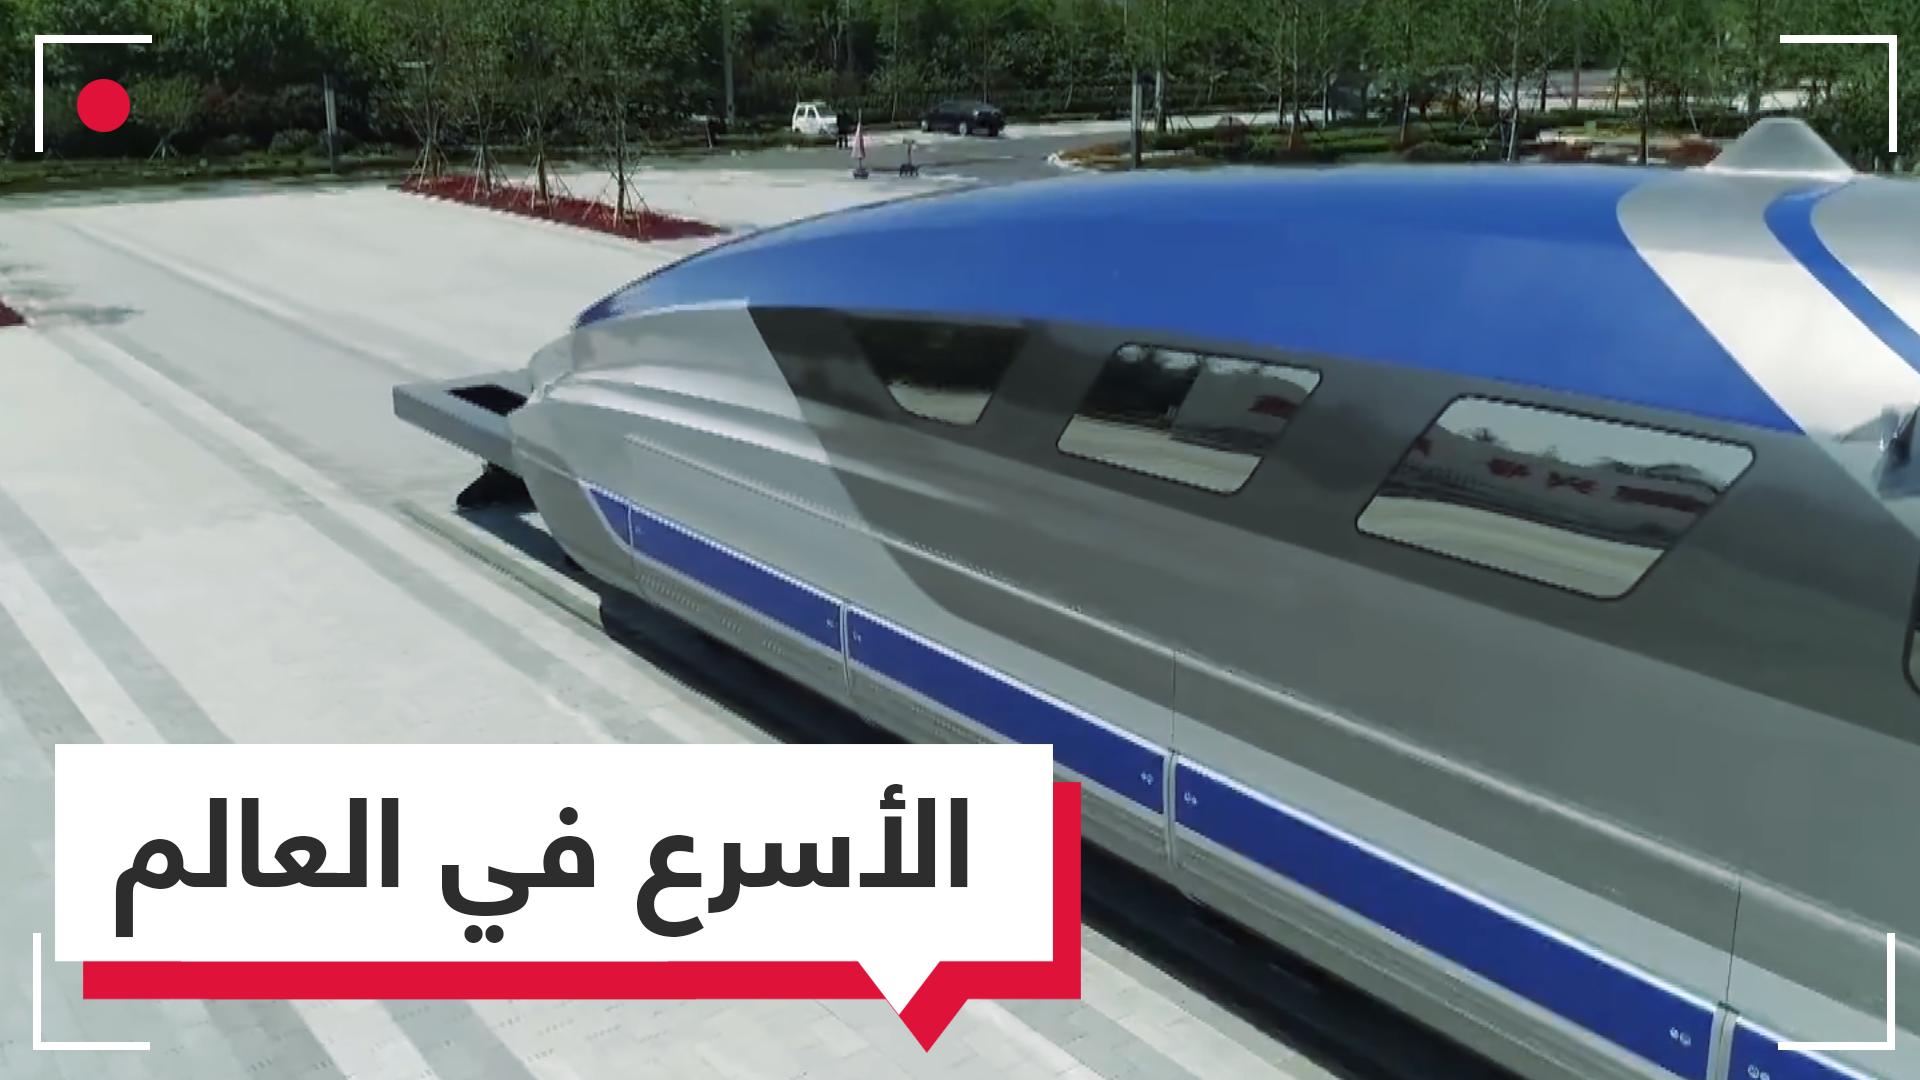 الصين تكشف عن نموذج أولي لقطارها الأسرع في العالم!